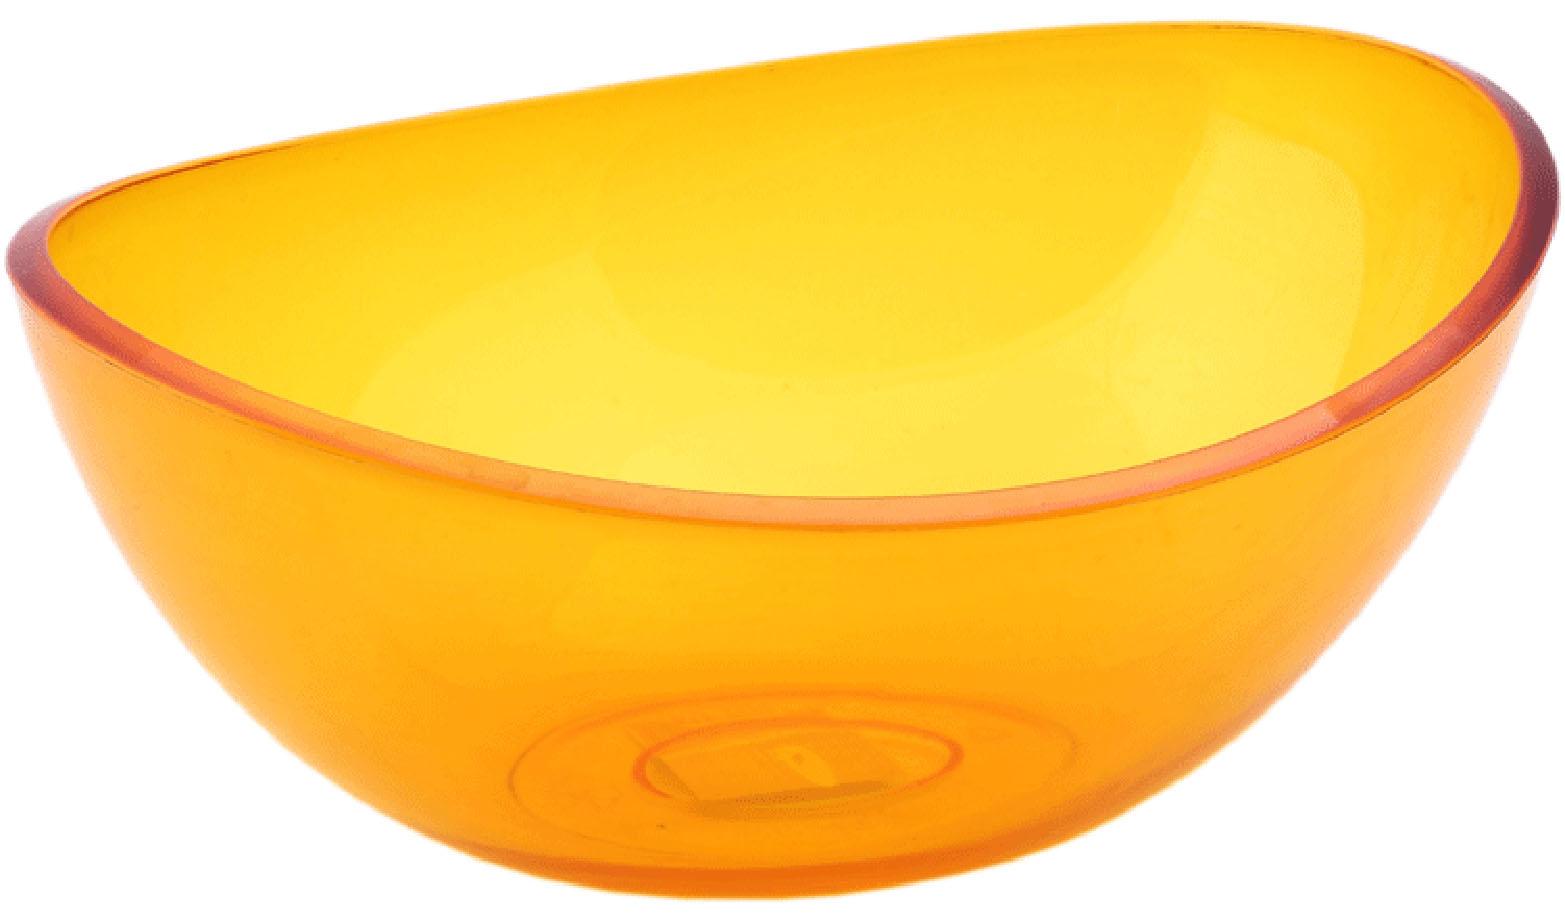 Салатник Idea Кристалл, цвет: оранжевый, прозрачный, 2,5 лМ 1352Салатник Idea Кристалл изготовлен из высококачественного пищевого полистирола. Такой салатник прекрасно подойдет для сервировки салатов, фруктов, ягод. Прекрасный вариант для дачи и отдыха на природе. Объем: 2,5 л . Размер (по верхнему краю): 27 см х 21,5 см. Высота стенки: 10 см.